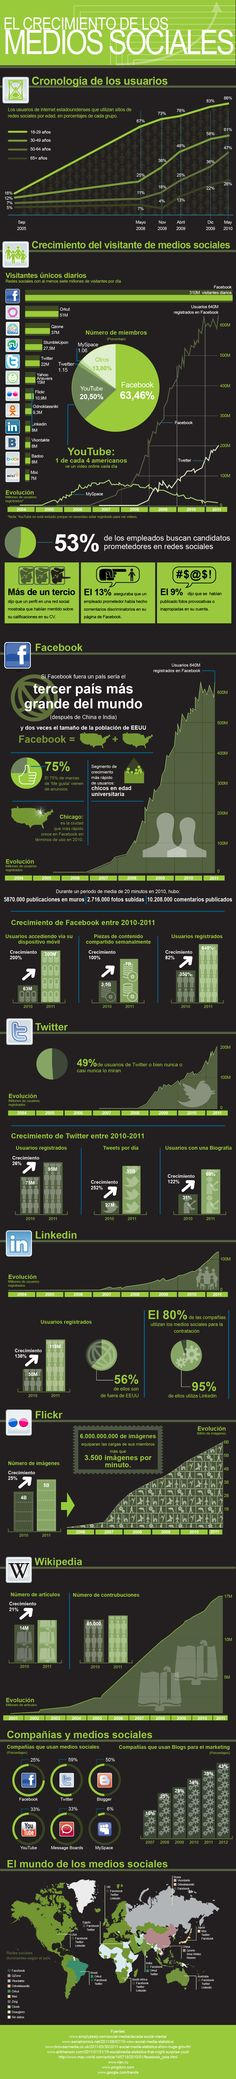 231012-El crecimiento del Social Media #infografia #infographic #socialmedia